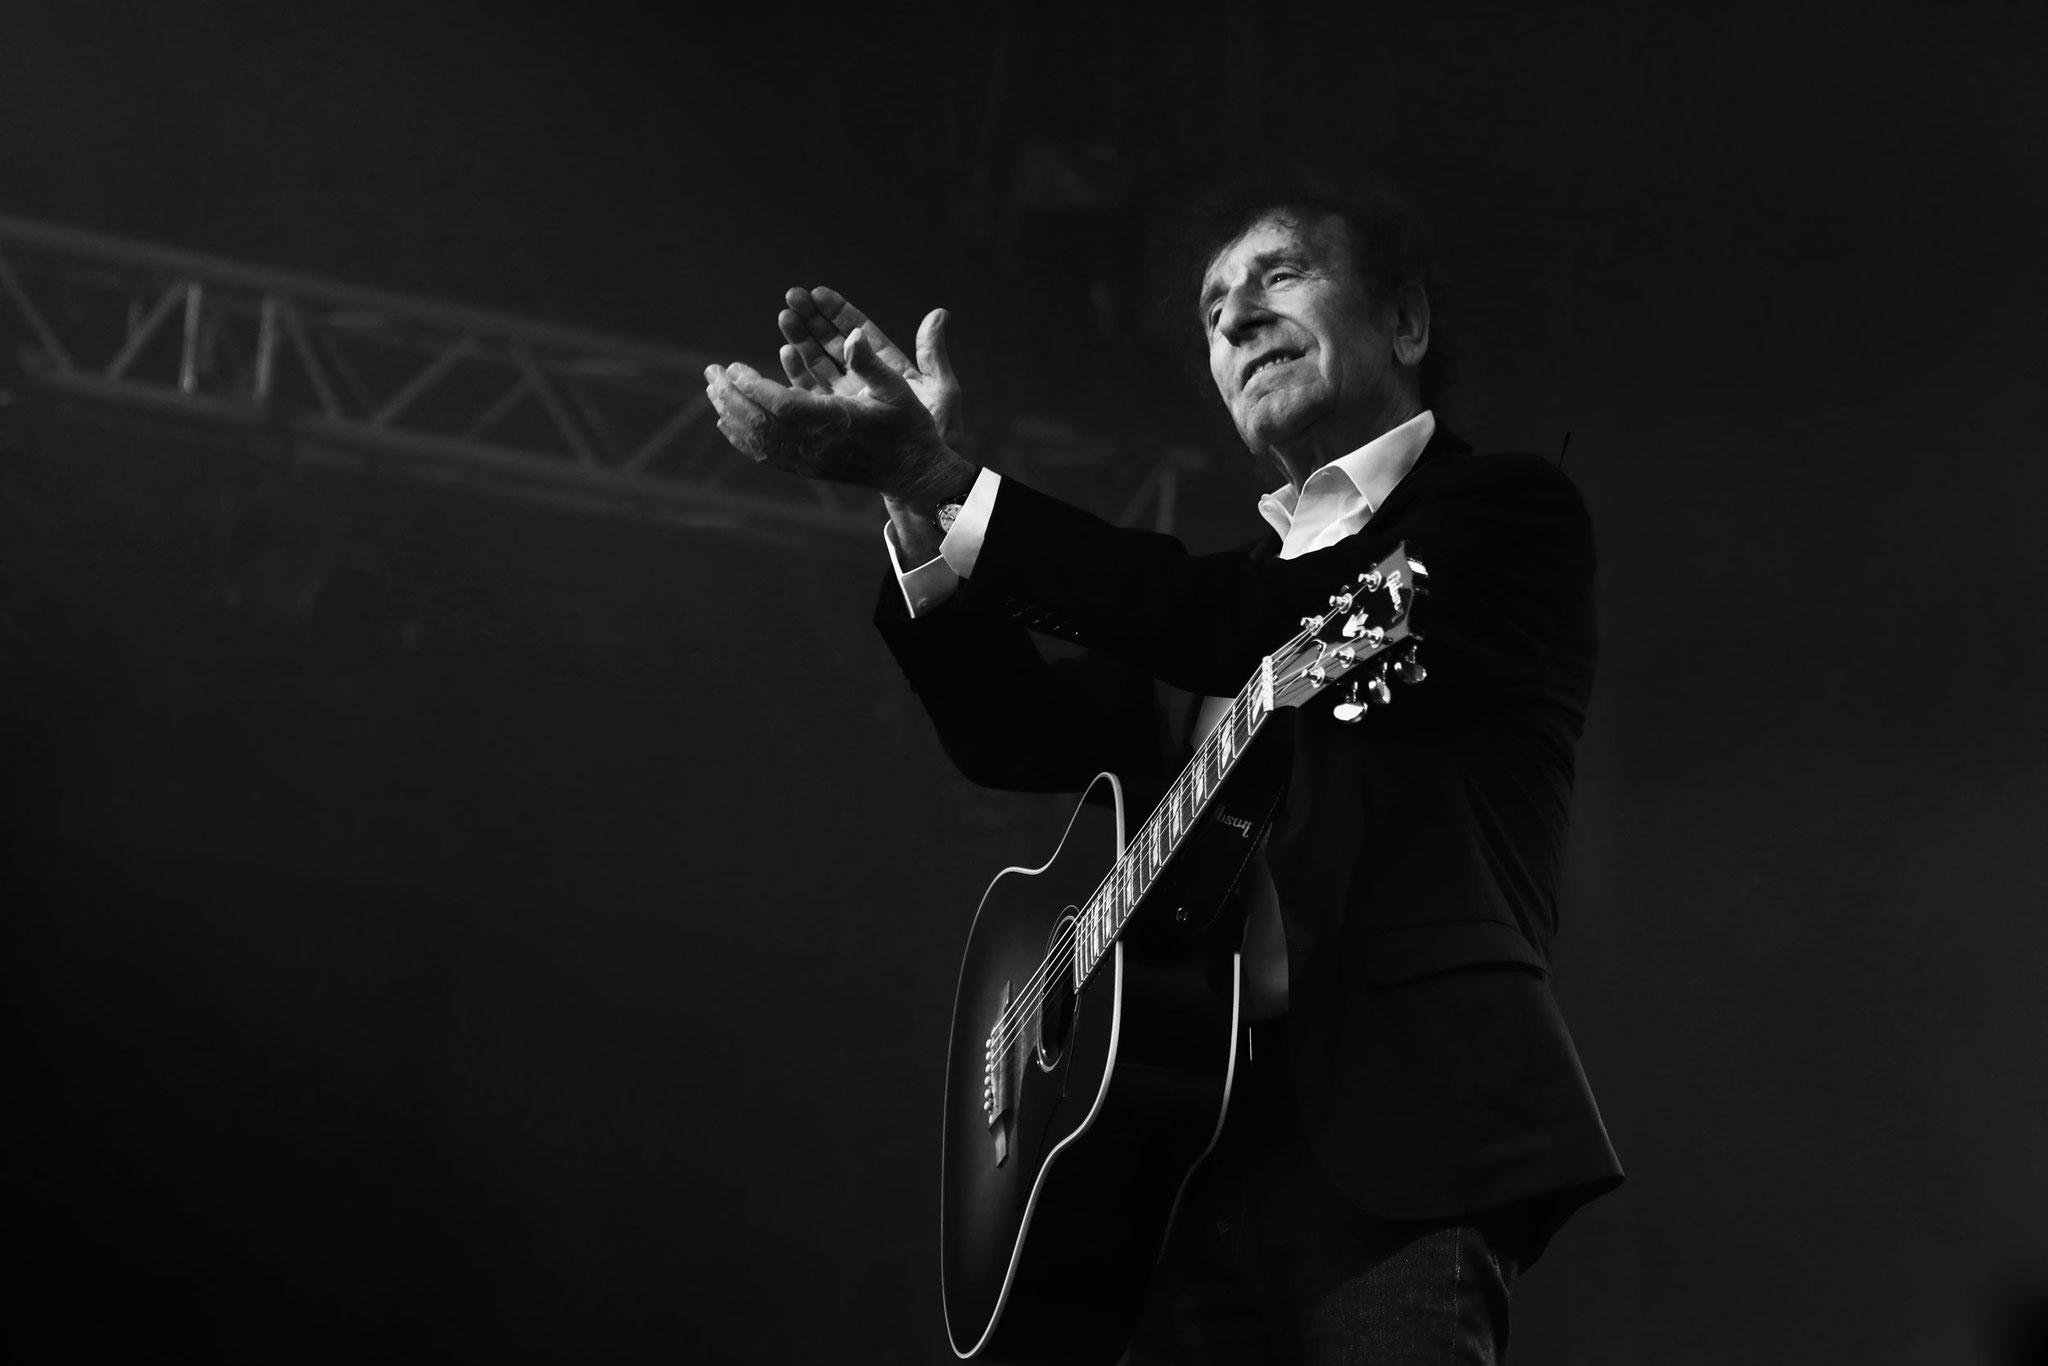 Alain Souchon - Festival Au Pont du Rock 2021. ©Clémence Rougetet